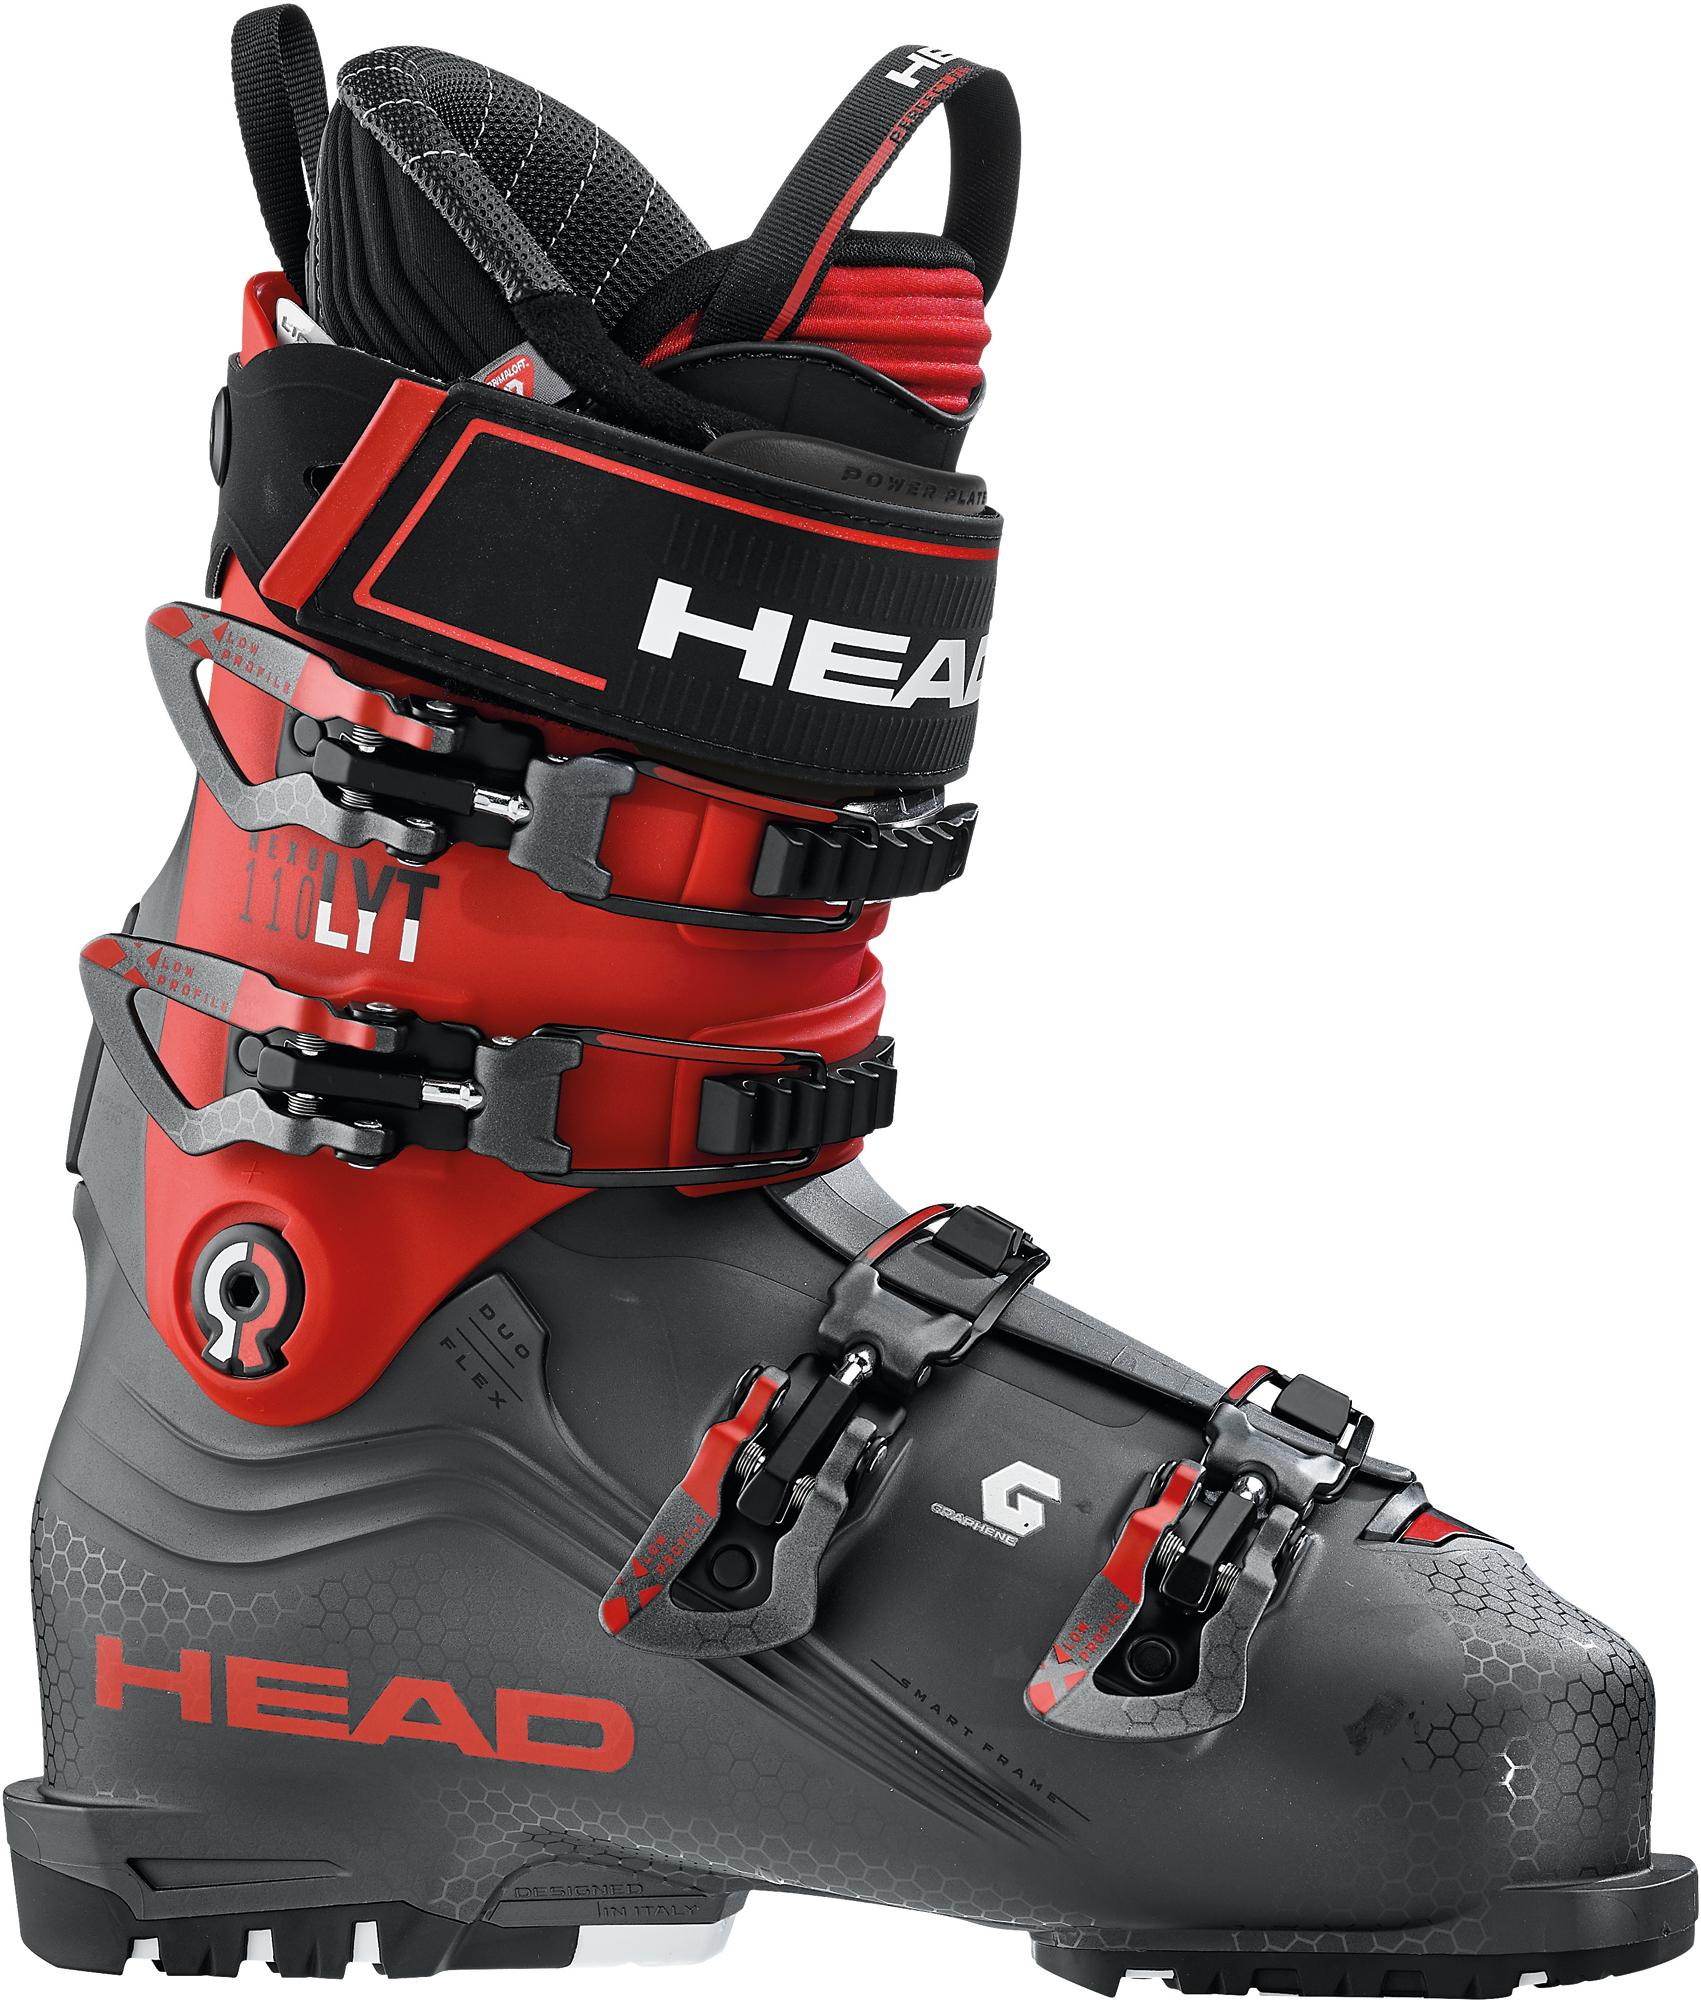 Head Ботинки горнолыжные NEXO LYT 110, размер 29,5 см